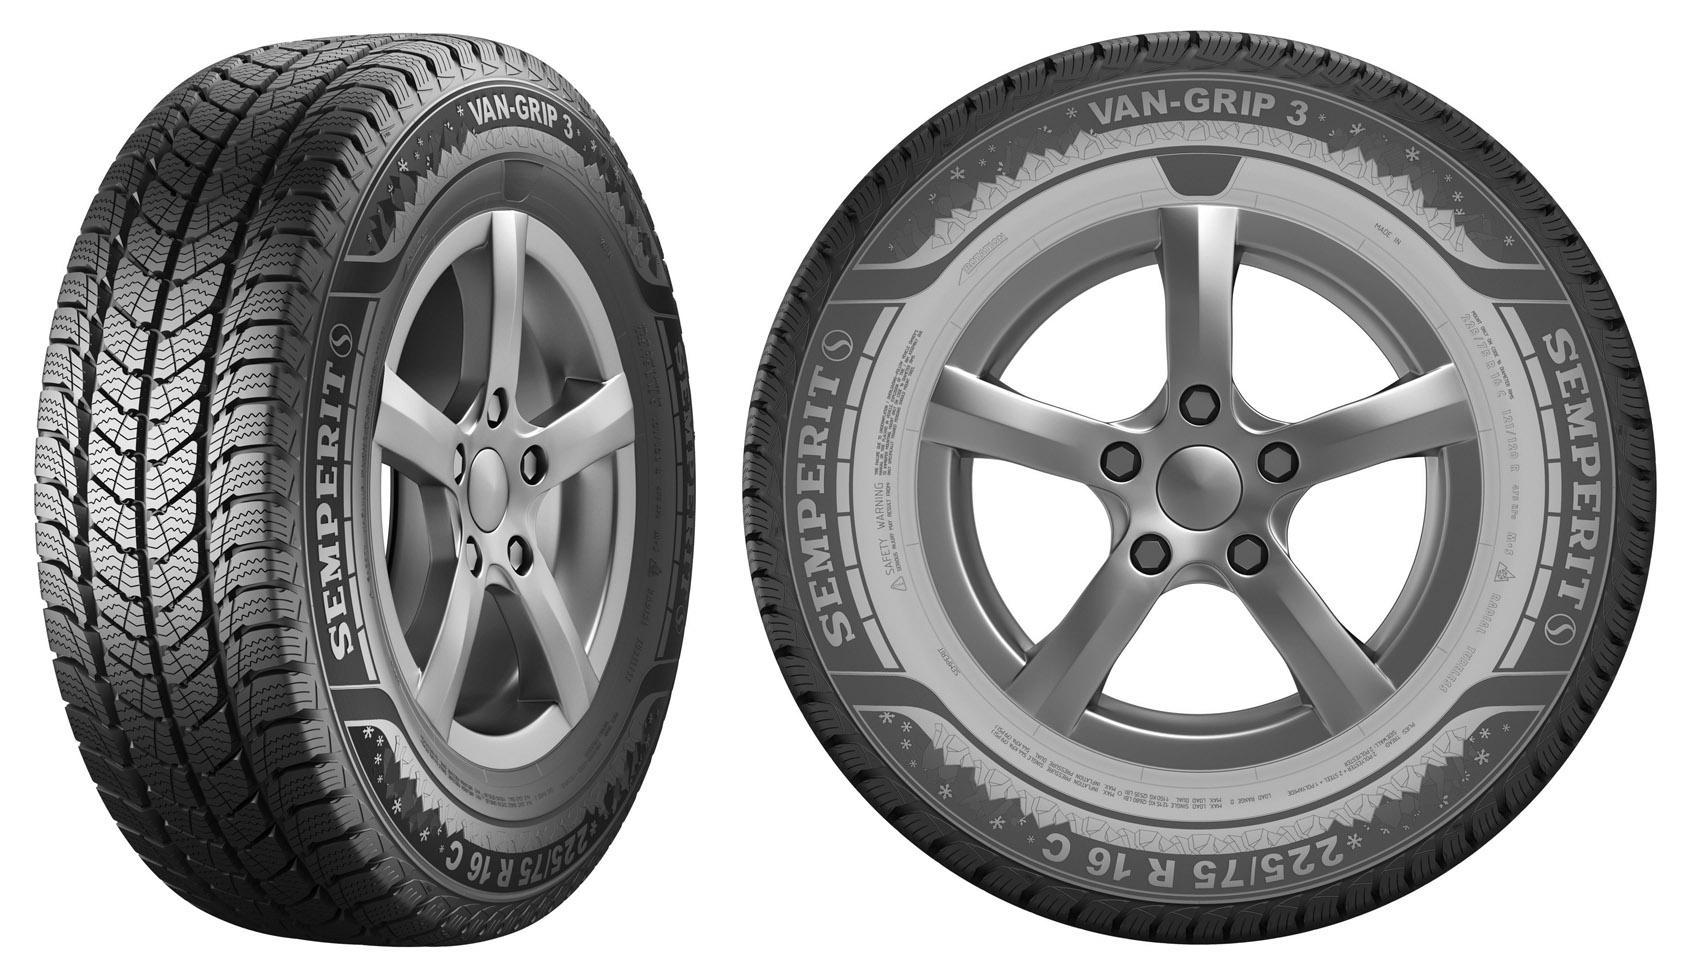 Компания Semperit пополнила свой ассортимент новой зимней шиной для автофургонов